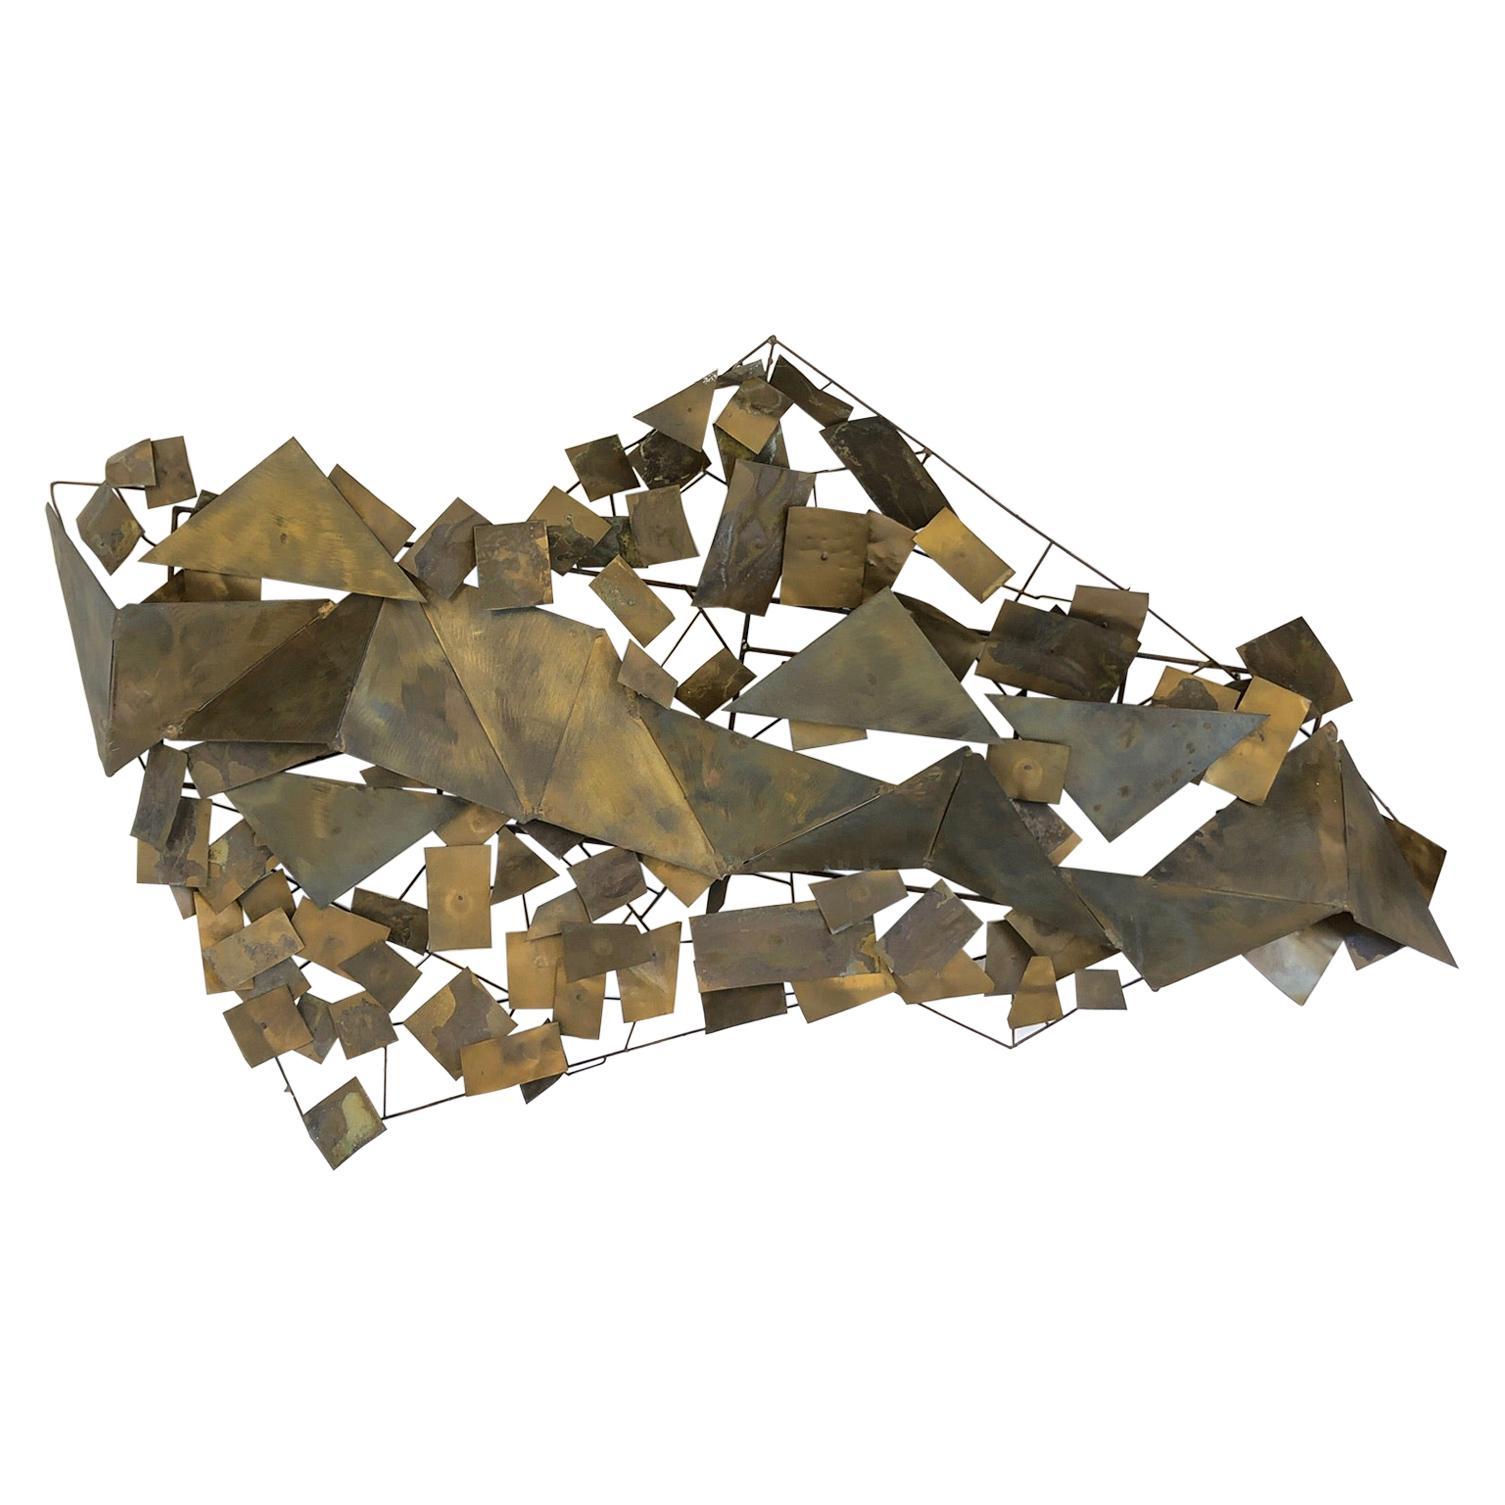 Aged Brass Brutalist Wall Sculpture